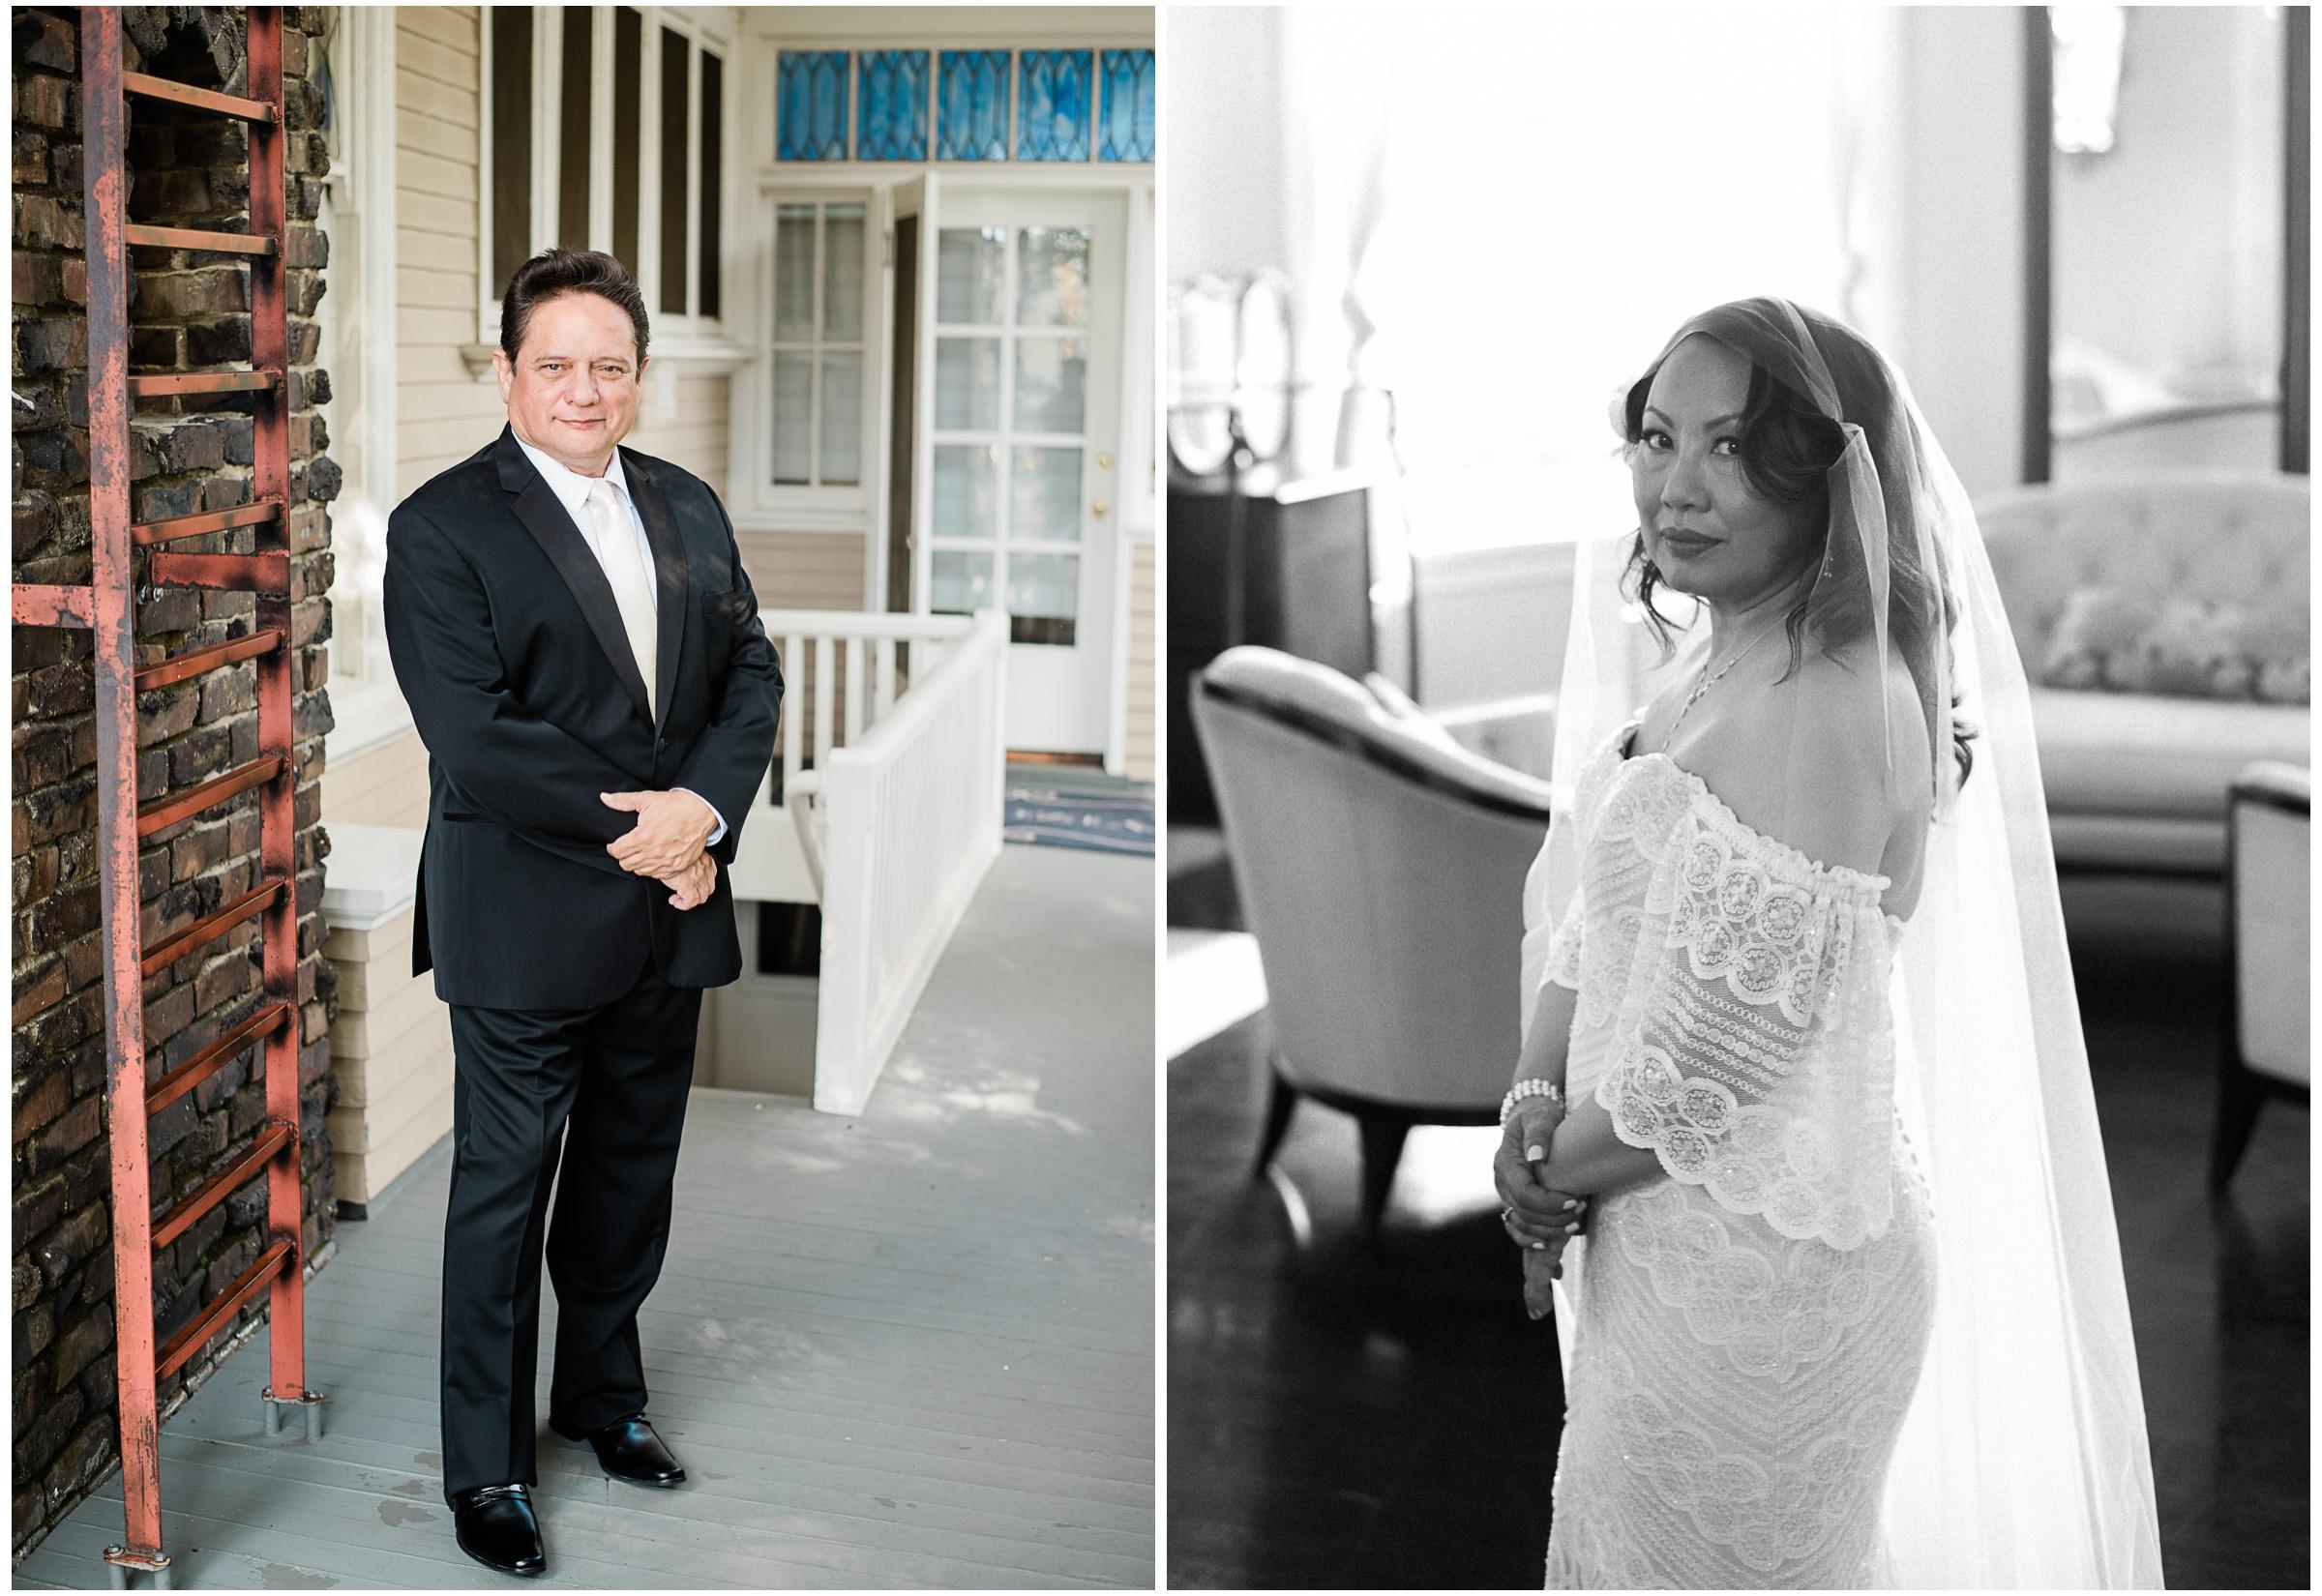 Sacramento Wedding - Sacramento Photographer - Vizcaya - Justin Wilcox Photography - 6.jpg